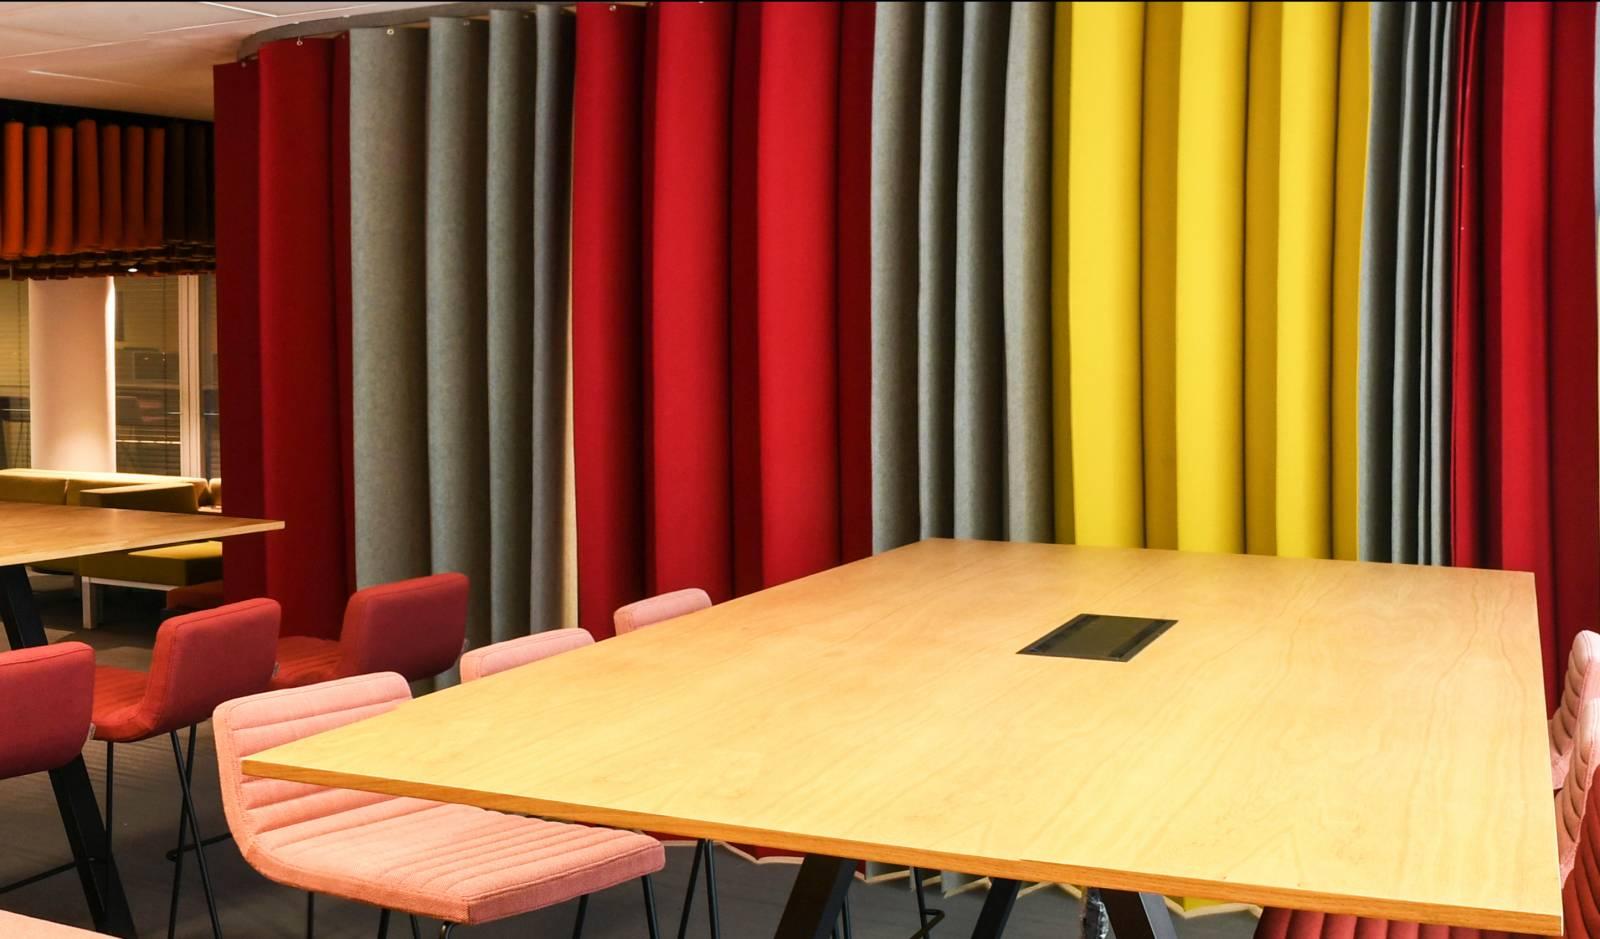 Parois-pliantes-tricolor-jaune-gris-rouge